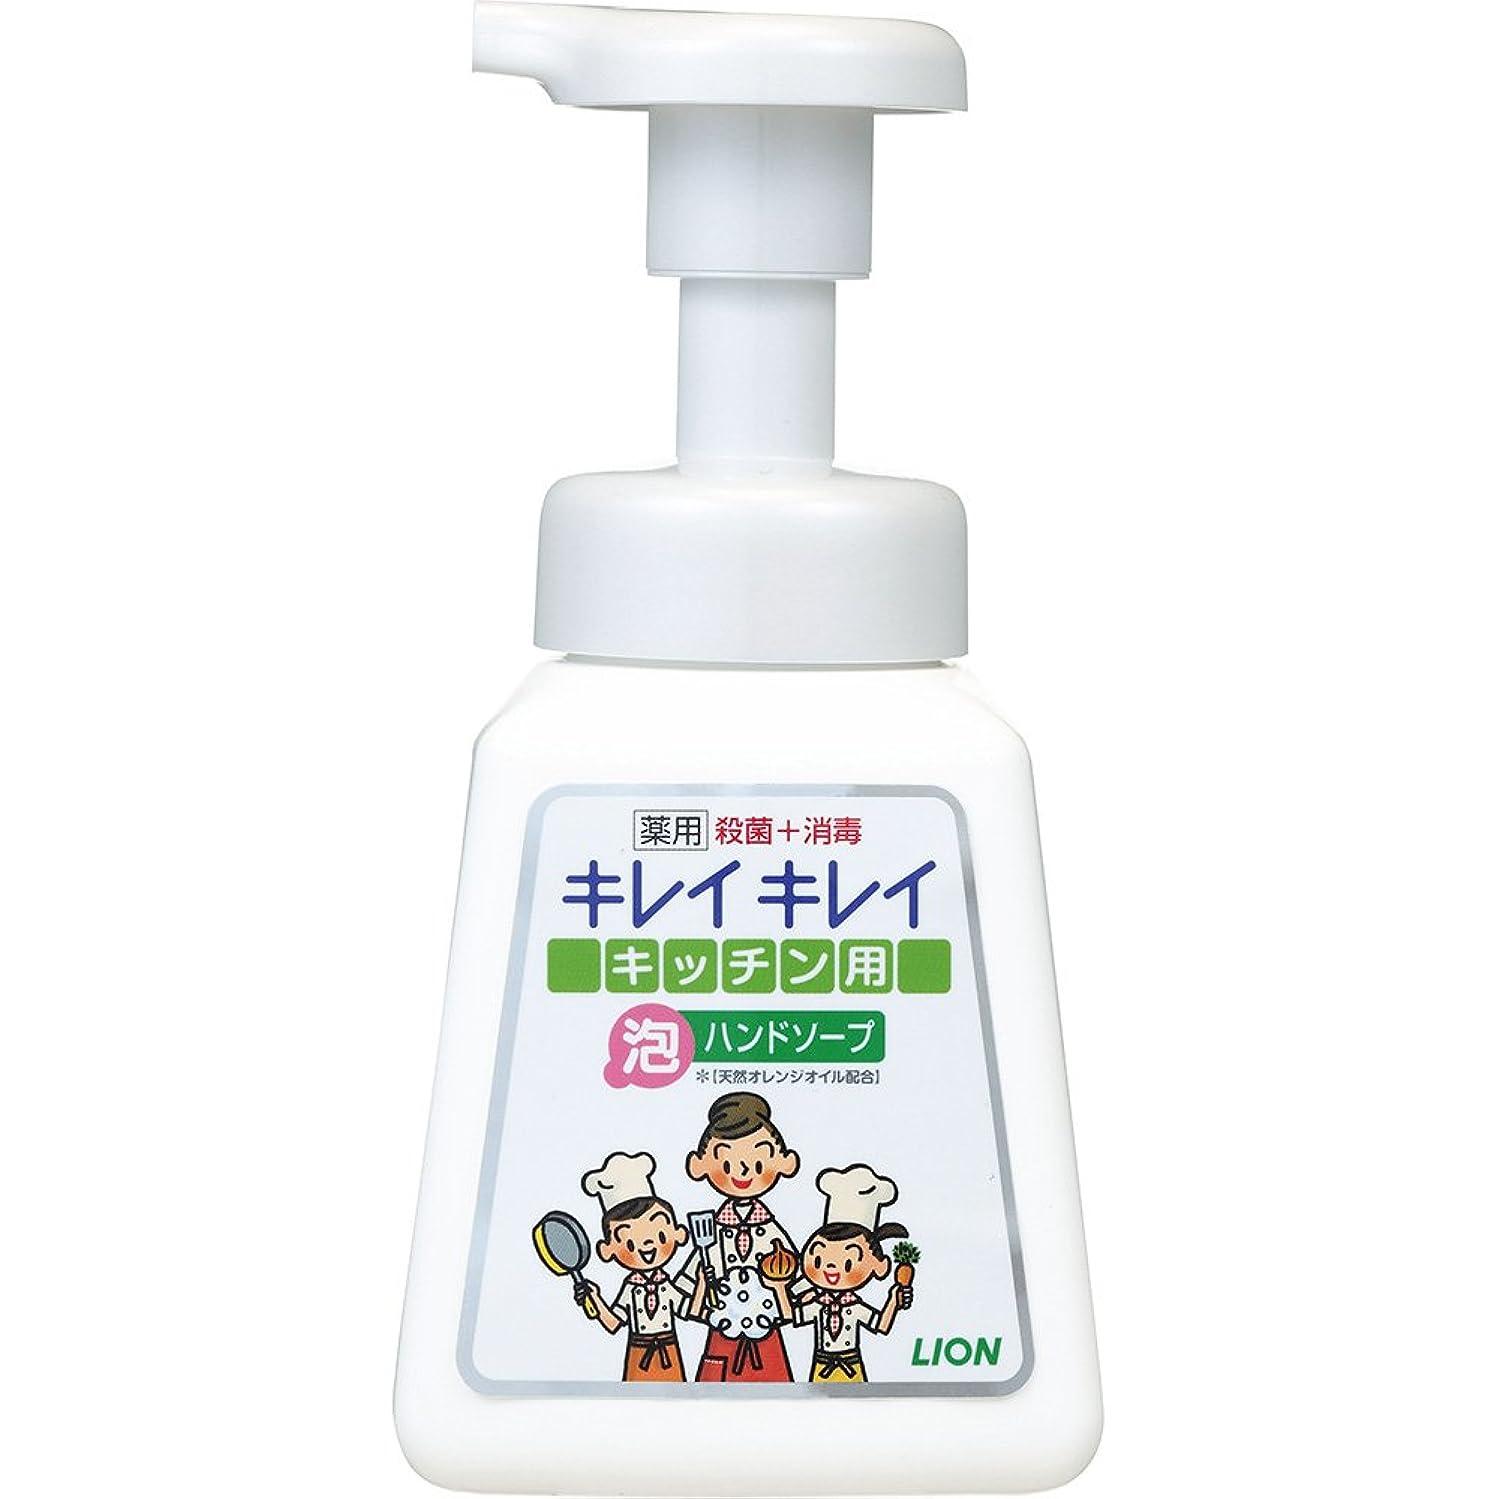 申請中ライムエキスキレイキレイ 薬用 キッチン泡ハンドソープ 本体ポンプ 230ml(医薬部外品)